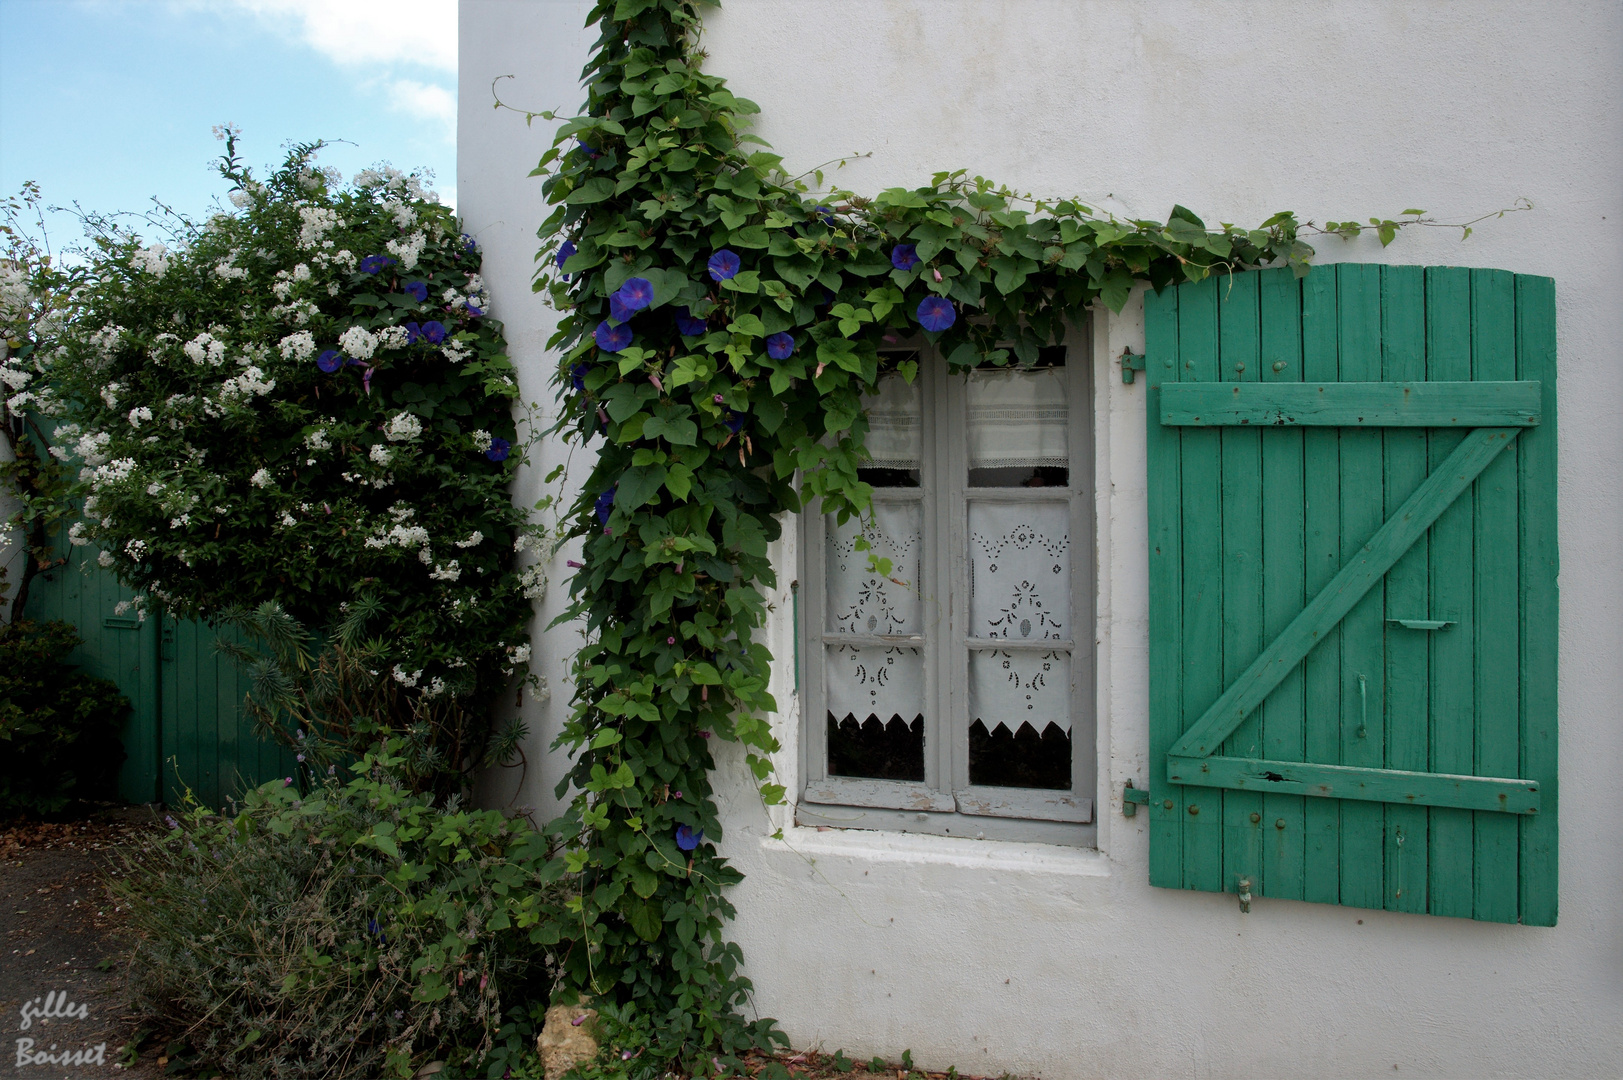 volet de bois vert photo et image | europe, france, architecture Images fotocommunity